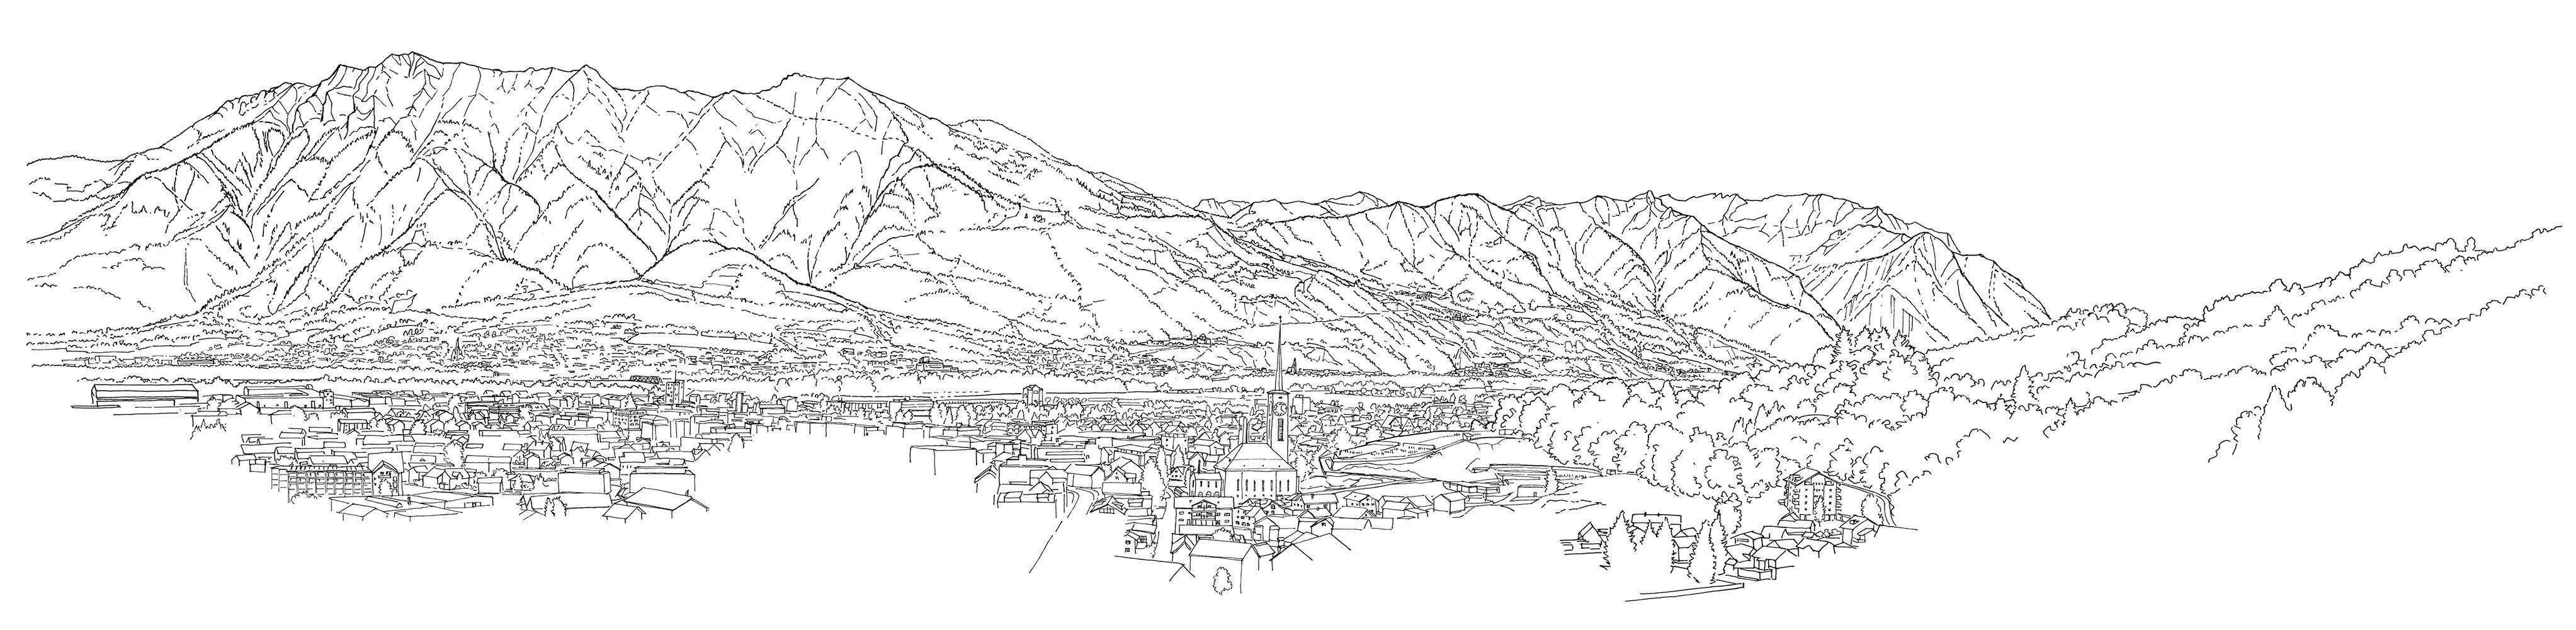 Alpenzeiger Panorama Süden